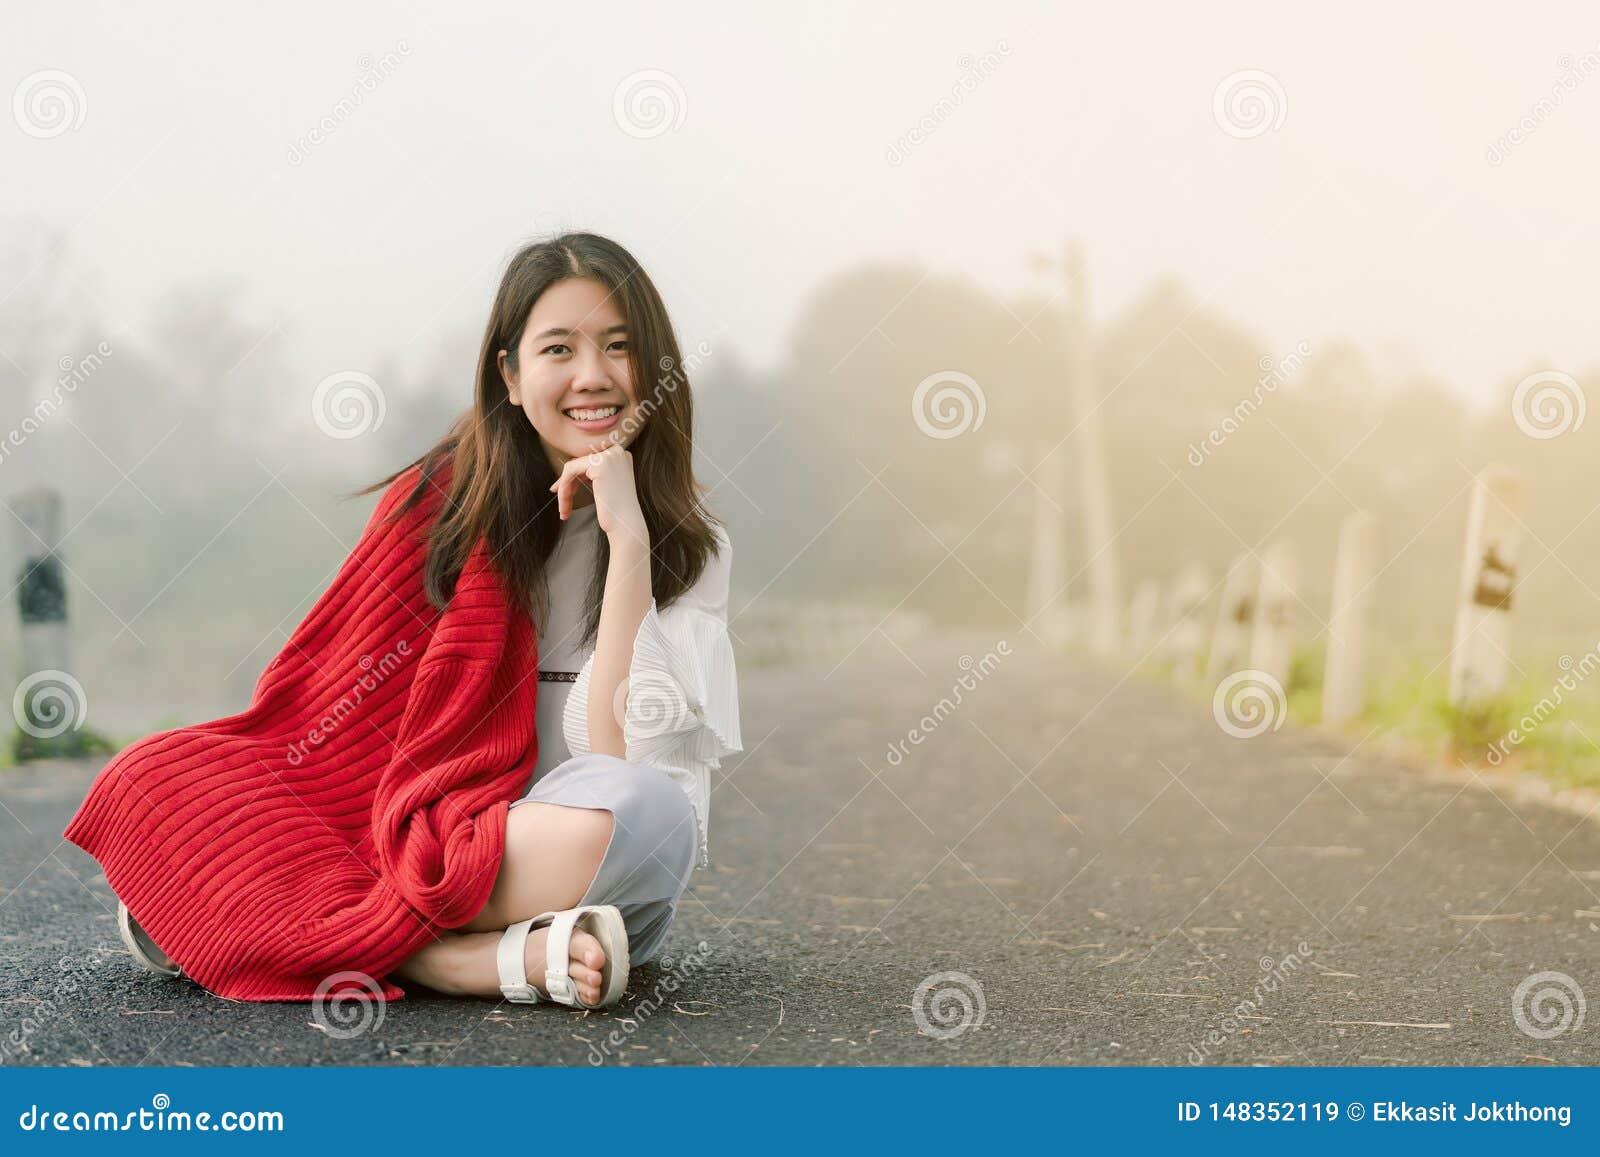 穿一件红色毛线衣的亚裔少年坐在路中间由在早晨薄雾的水库